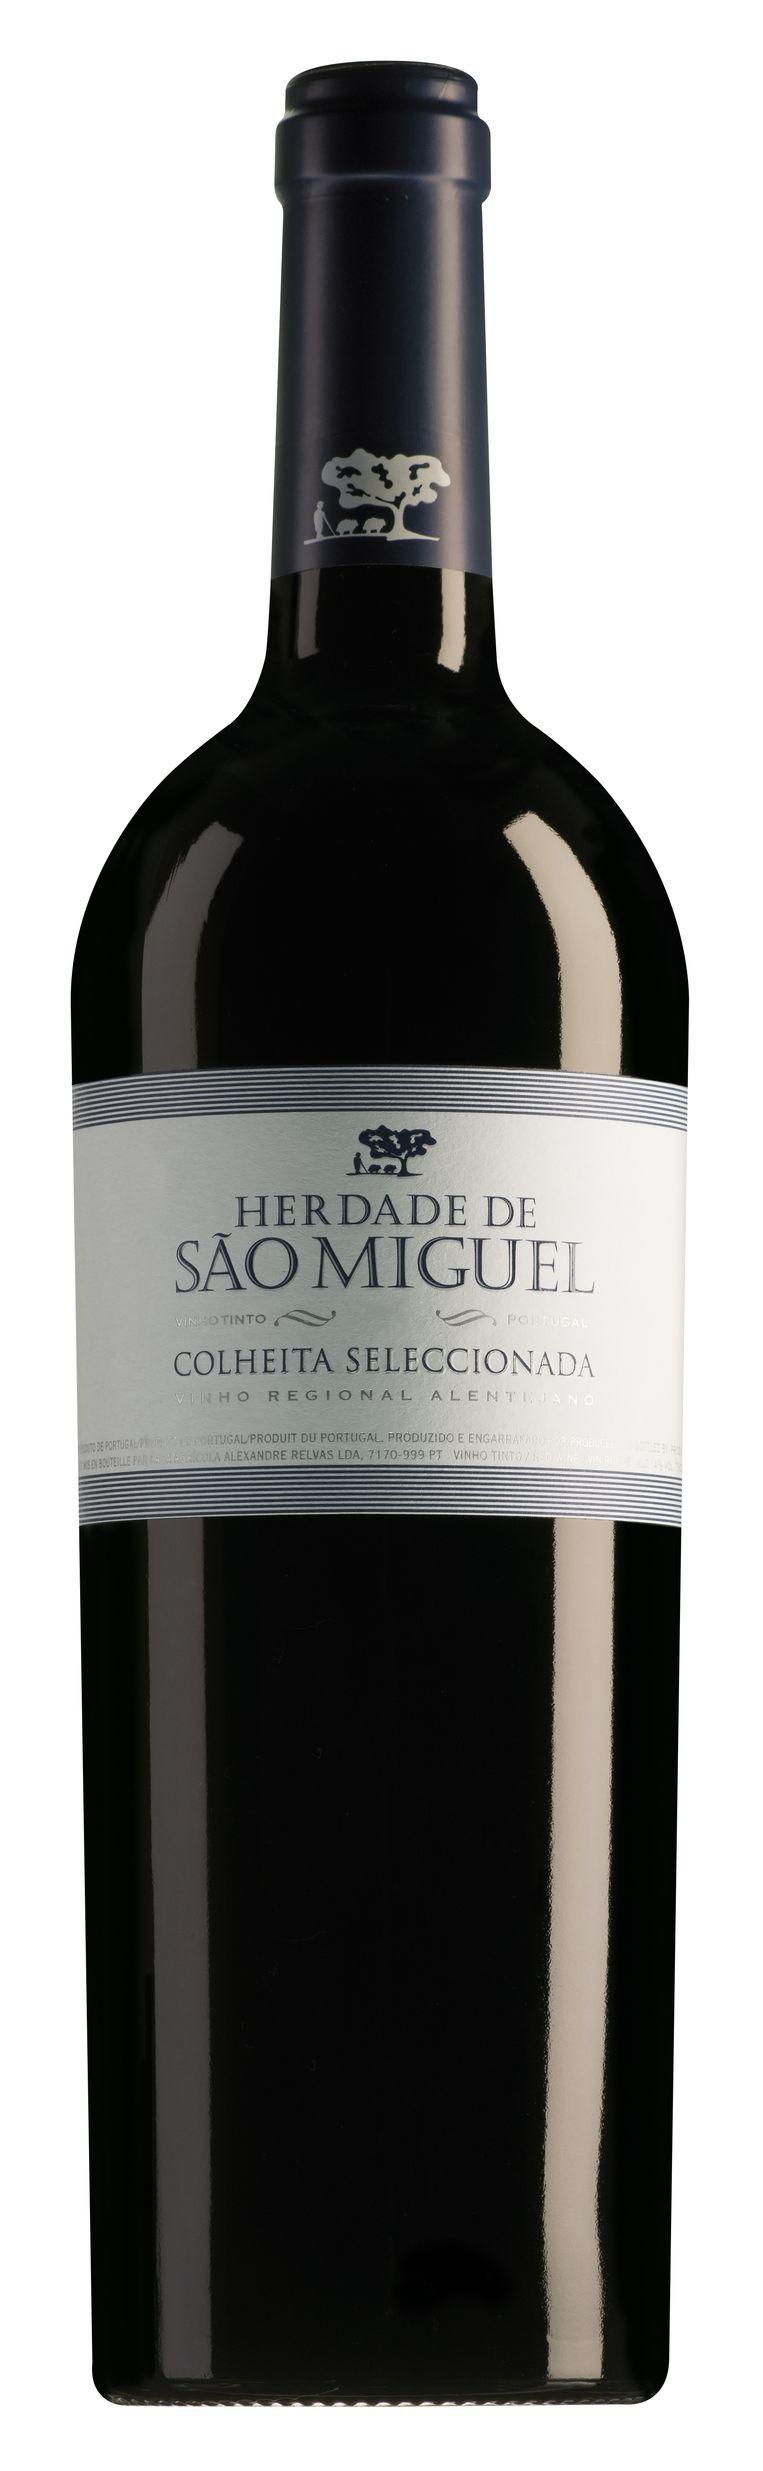 Zoals we van de als Les Généreux samenwerkende wijnhandels gewend zijn is ook deze rode weer een zonnetje van een wijn. Alles klopt, alles is in harmonie. Kruidigheid danst een elegante pas de deux met de vanille uit houtrijping, er is frisheid tegenover de alcohol, concentratie en een fraaie nagalm na het doorslikken. Hoog niveau.  Herdade de São Miguel 2017, Alentejo lesgenereux.nl € 8,7 Beeld